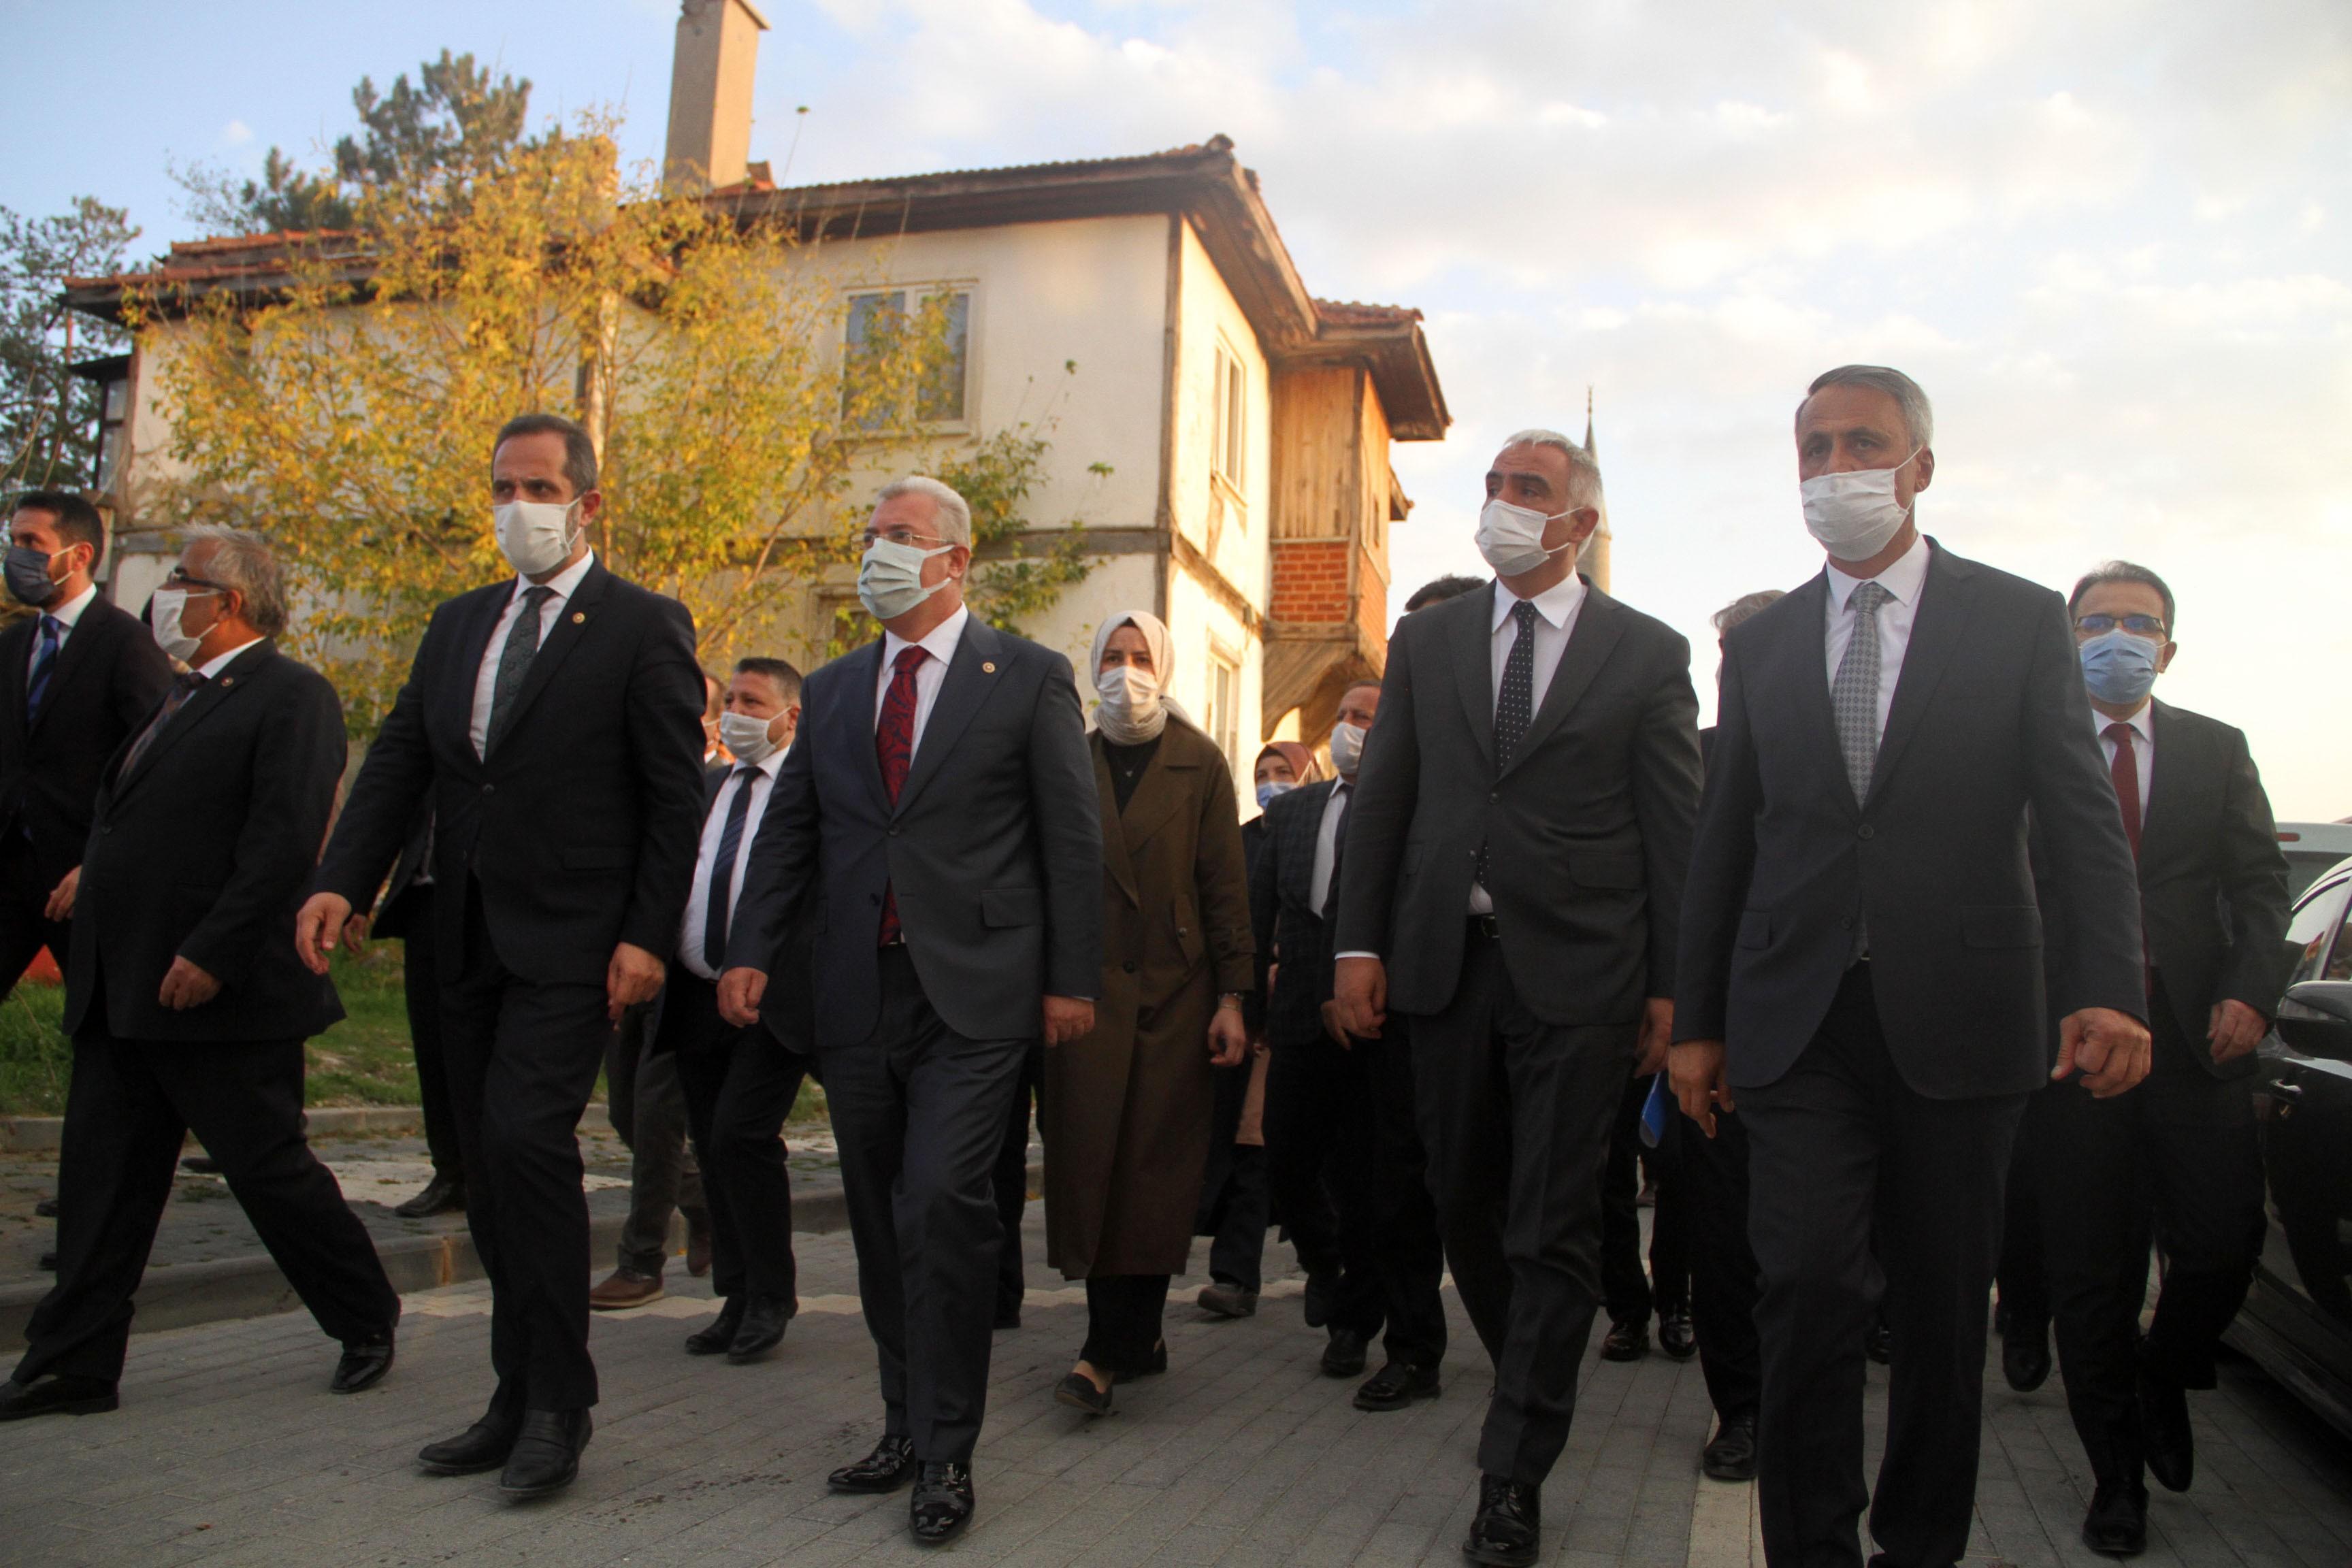 Kültür ve Turizm Bakanı Mehmet Nuri Ersoy, Çerkeş'te bir dizi ziyarette bulundu